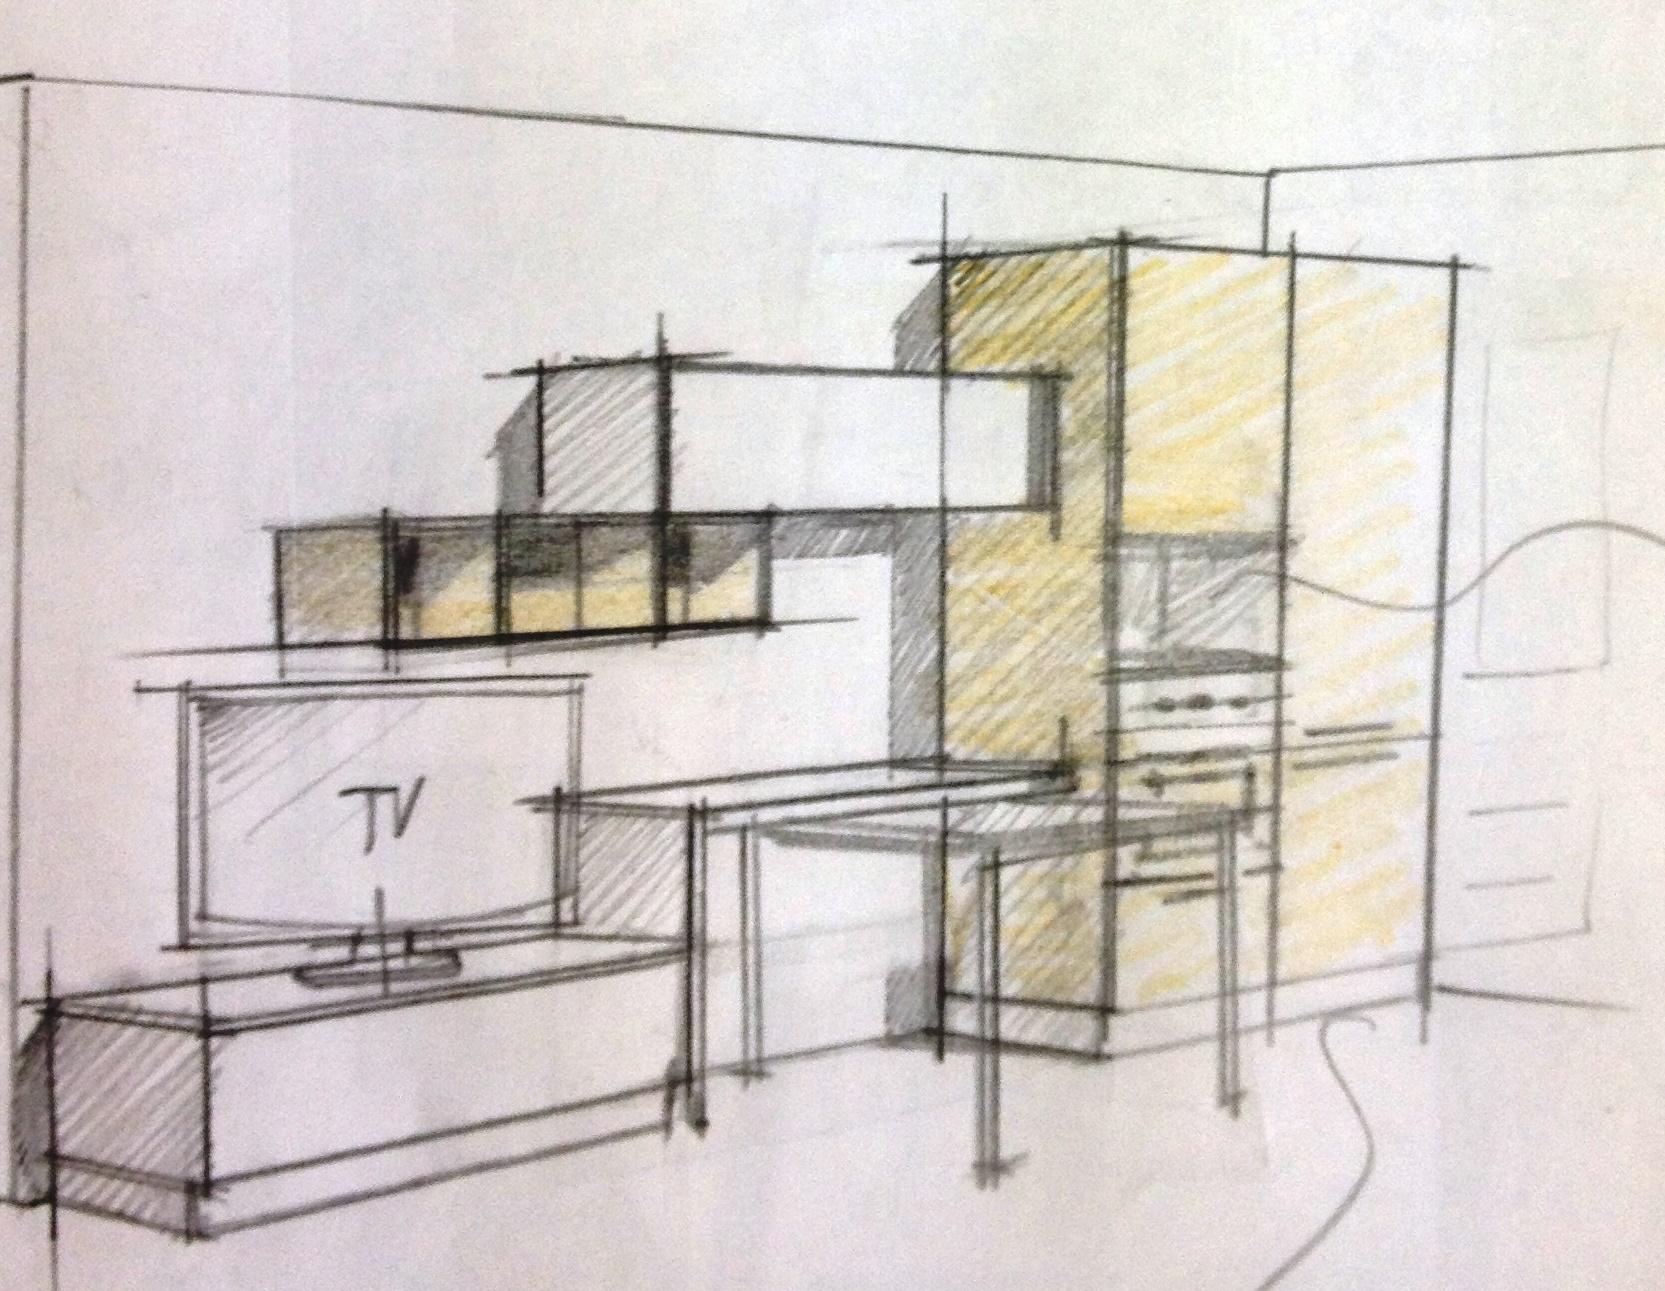 Ristrutturazione edilizia idee e consigli per una casa su for Progetti interni case